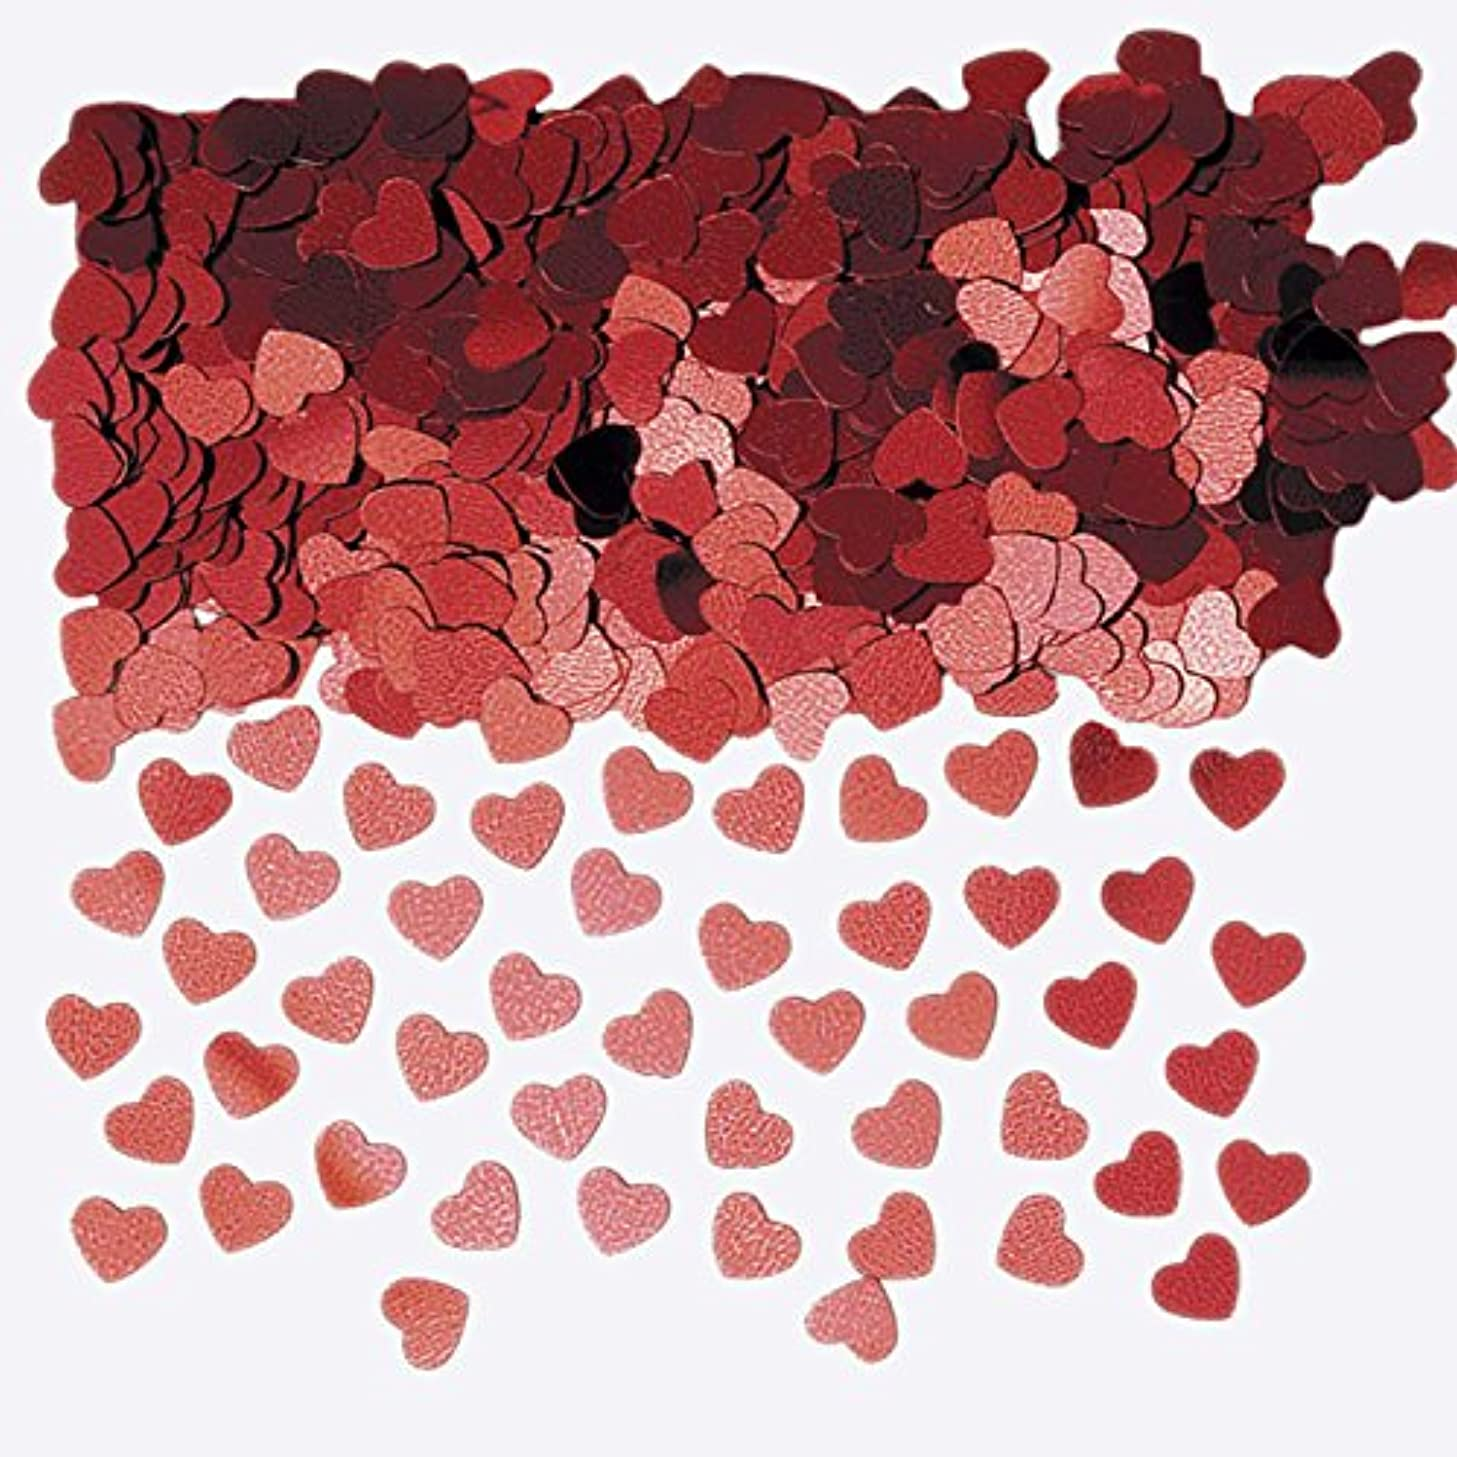 Sparkle Hearts Red Metallic Confetti 14g